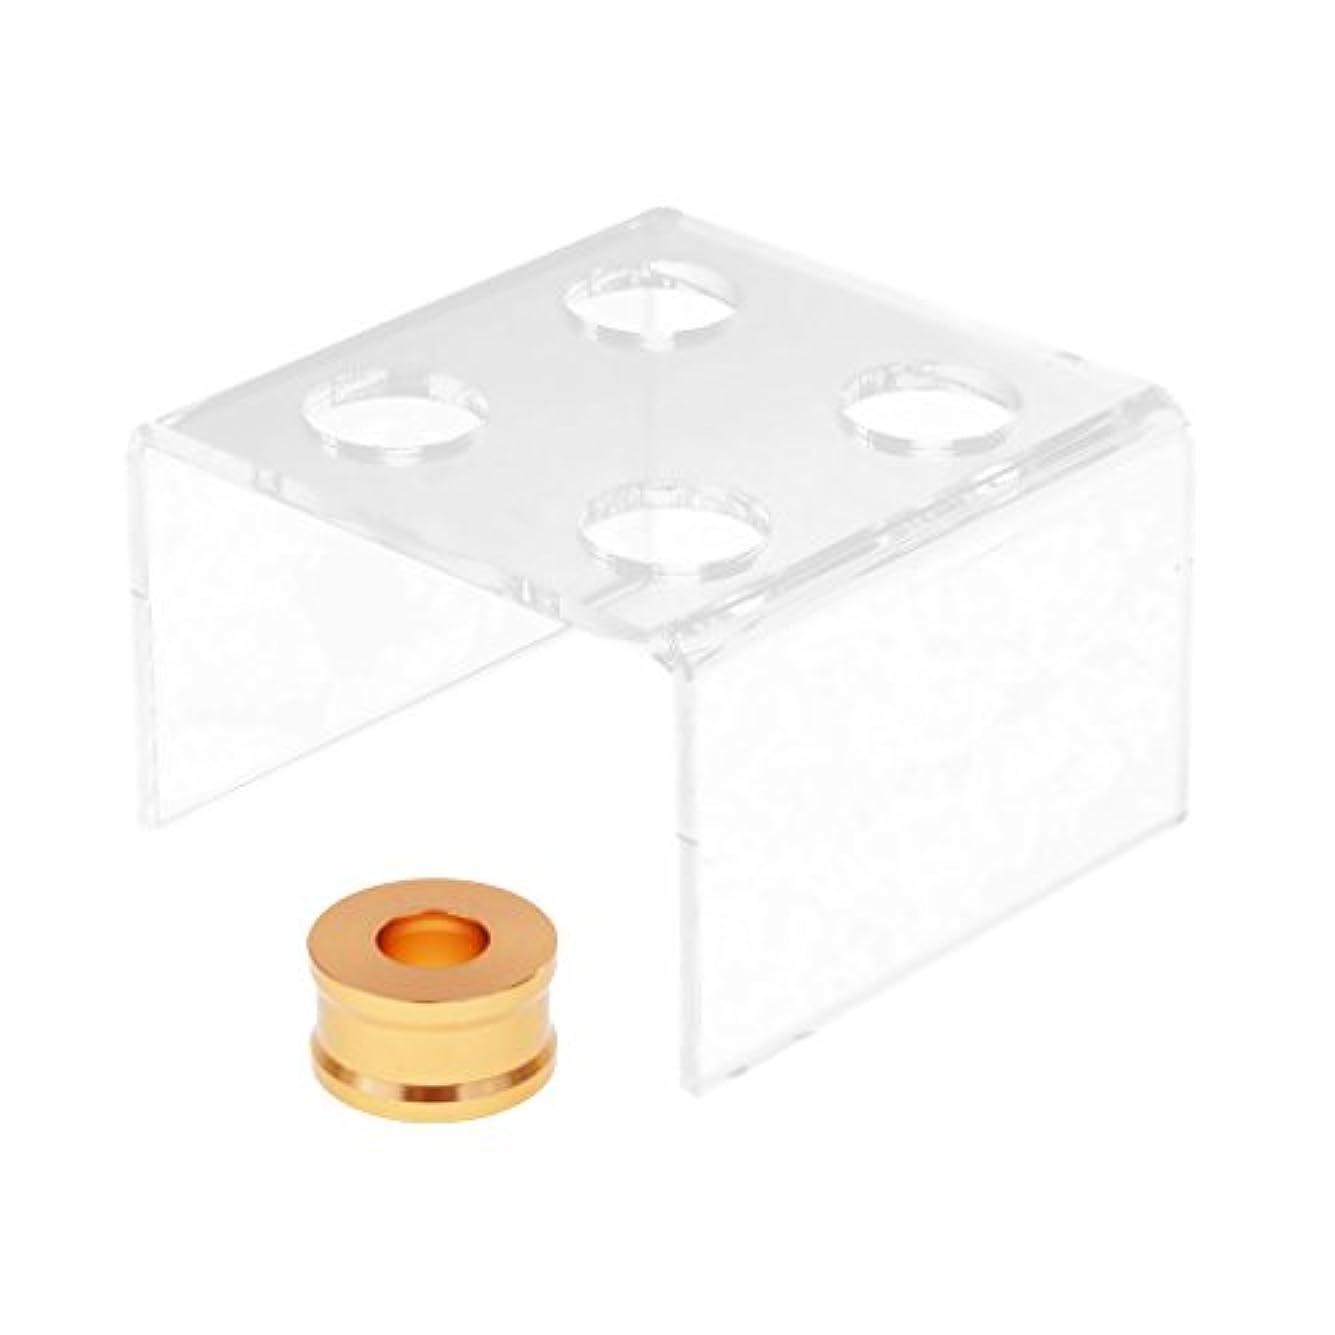 代数政令マーチャンダイザー12.1mmチューブ スタンドと口紅の型リング リップクリーム DIY 金型 メイクアップツール